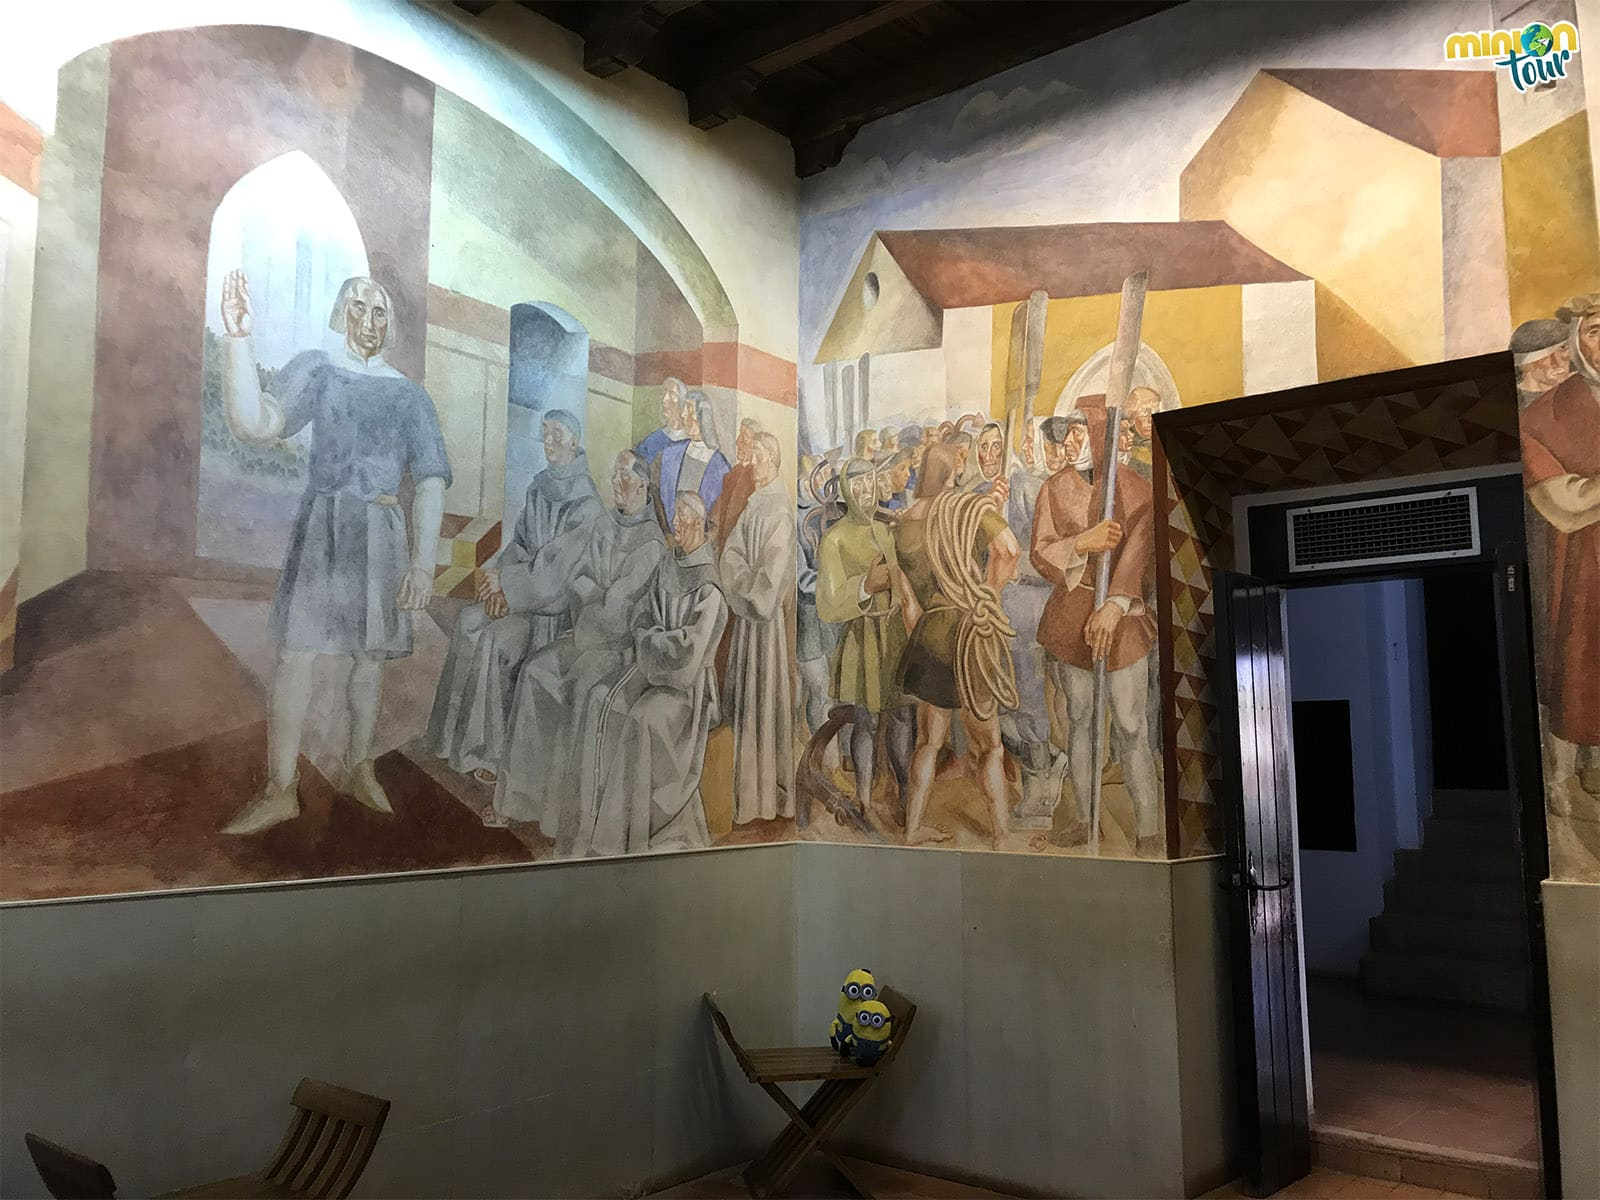 Paredes pintadas en el Monasterio de La Rábida